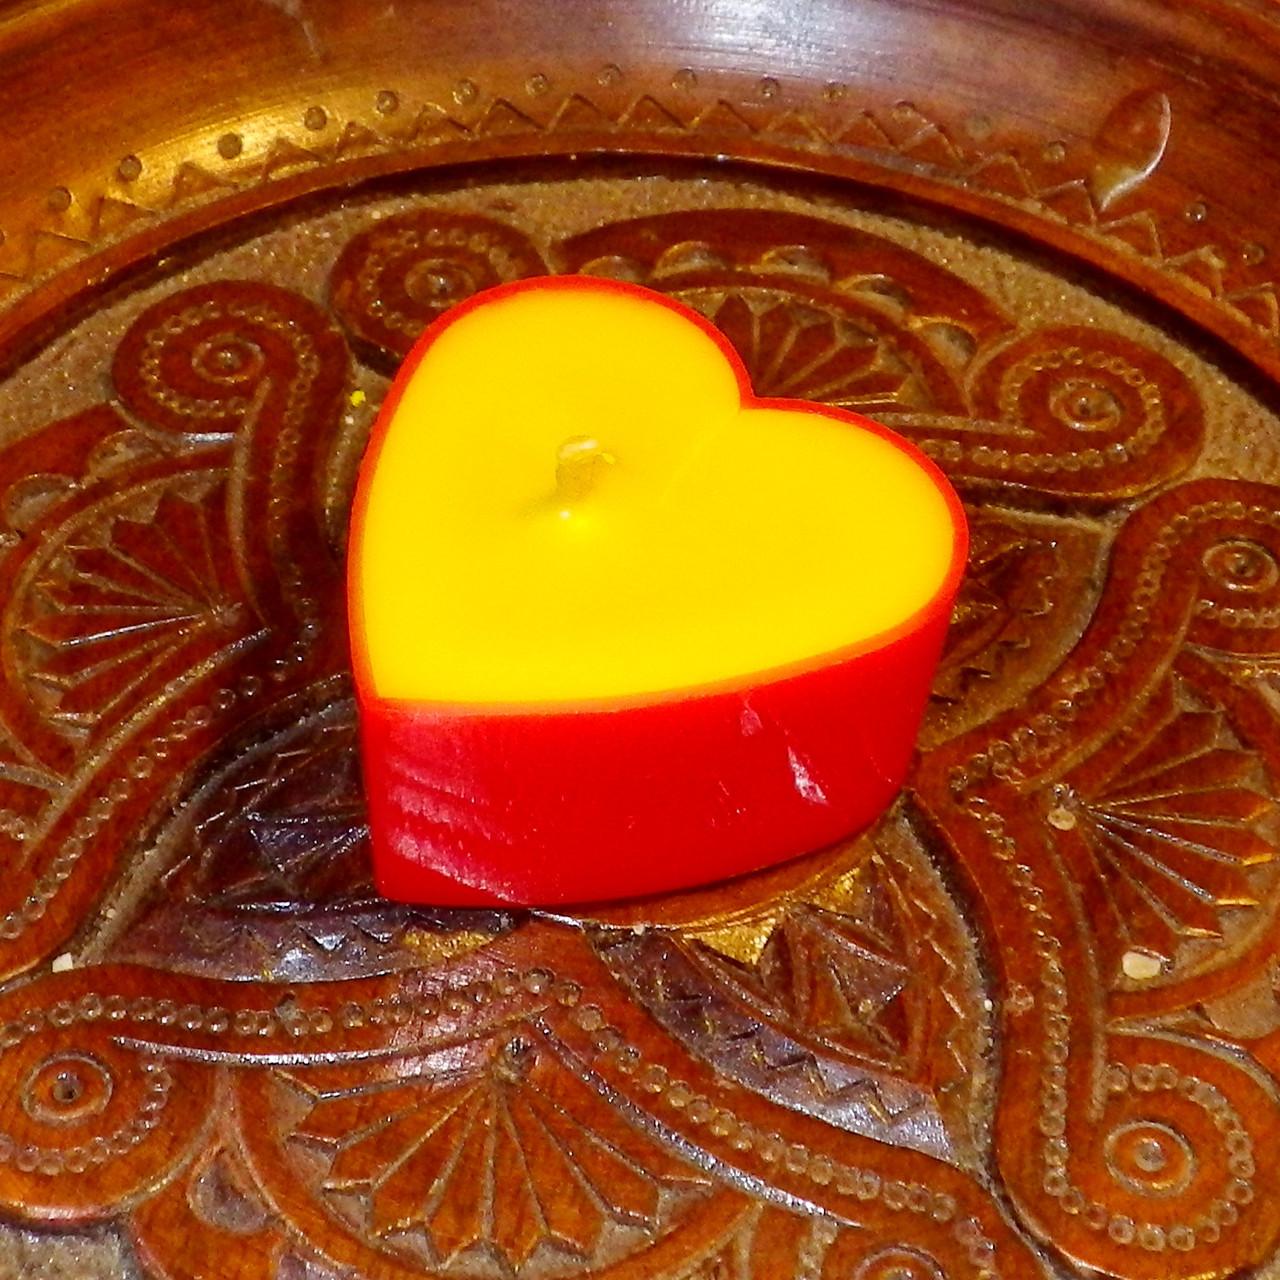 Восковая чайная свеча Валентинка 14г в пластиковом красном контейнере, натуральный пчелиный воск